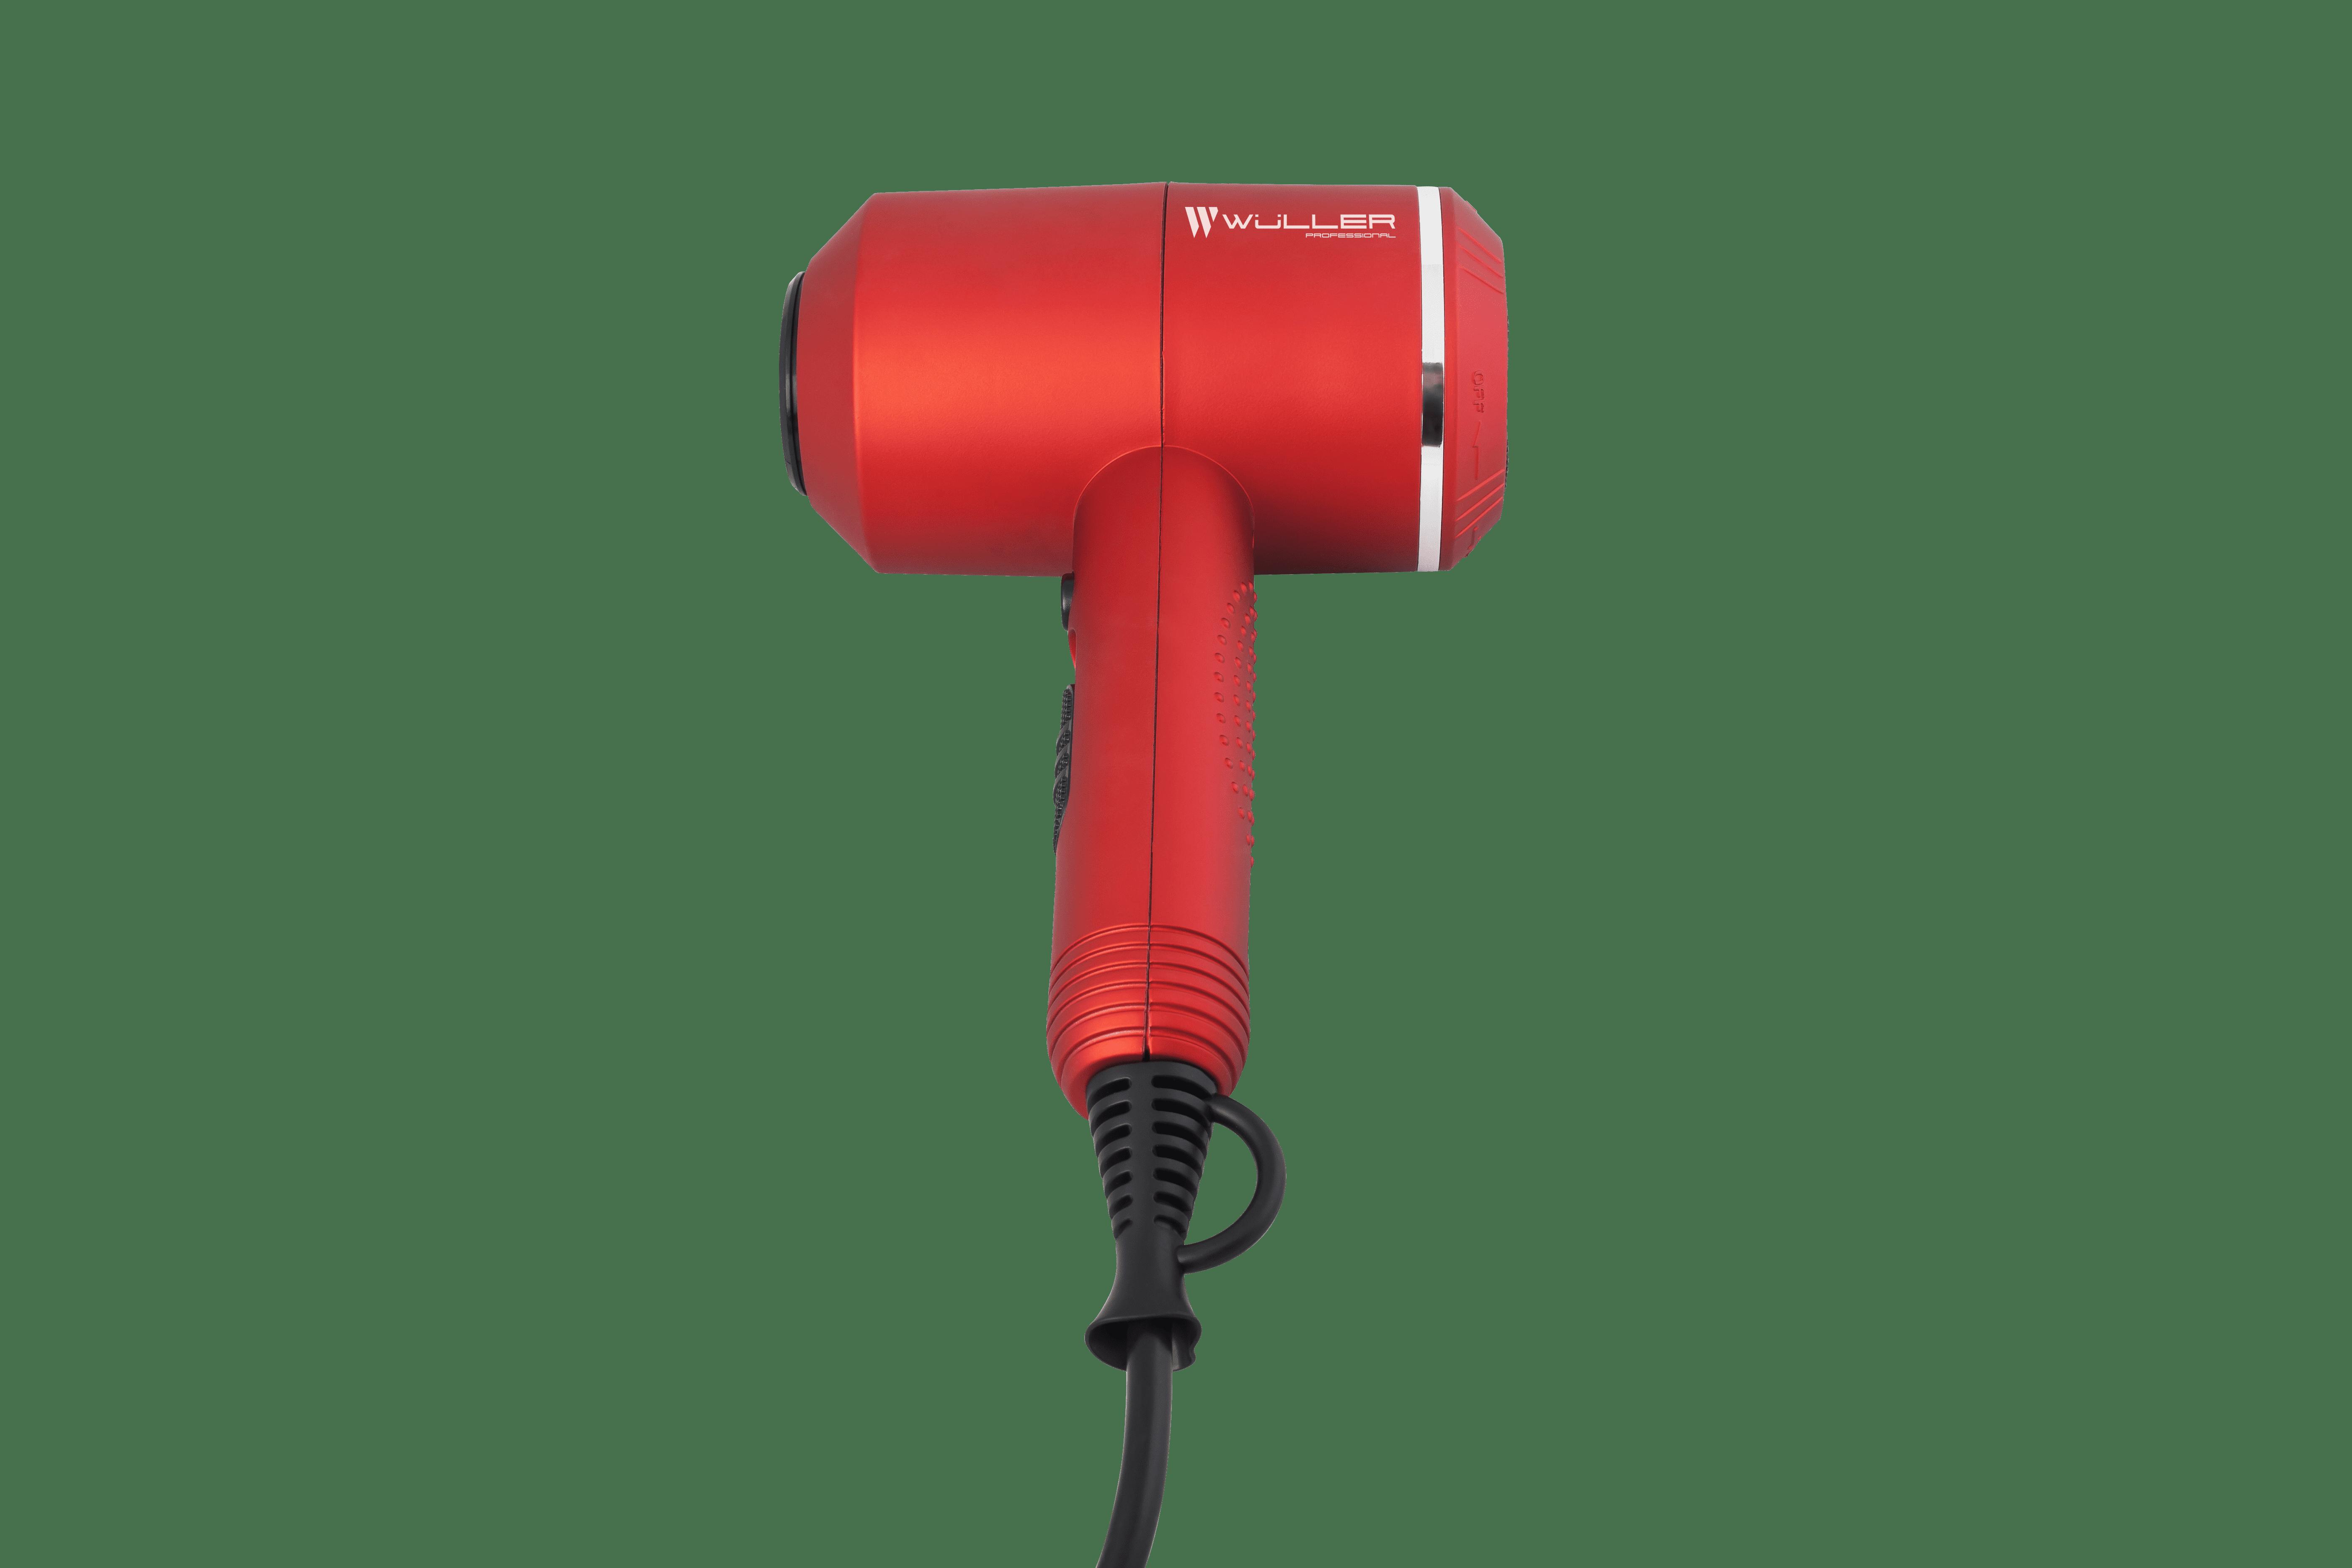 Фен Wuller Harvey, красный, c диффузором, IONIC, 2000W, кноп. спер. + 2 насадки + дифф.  (WF.421RD)